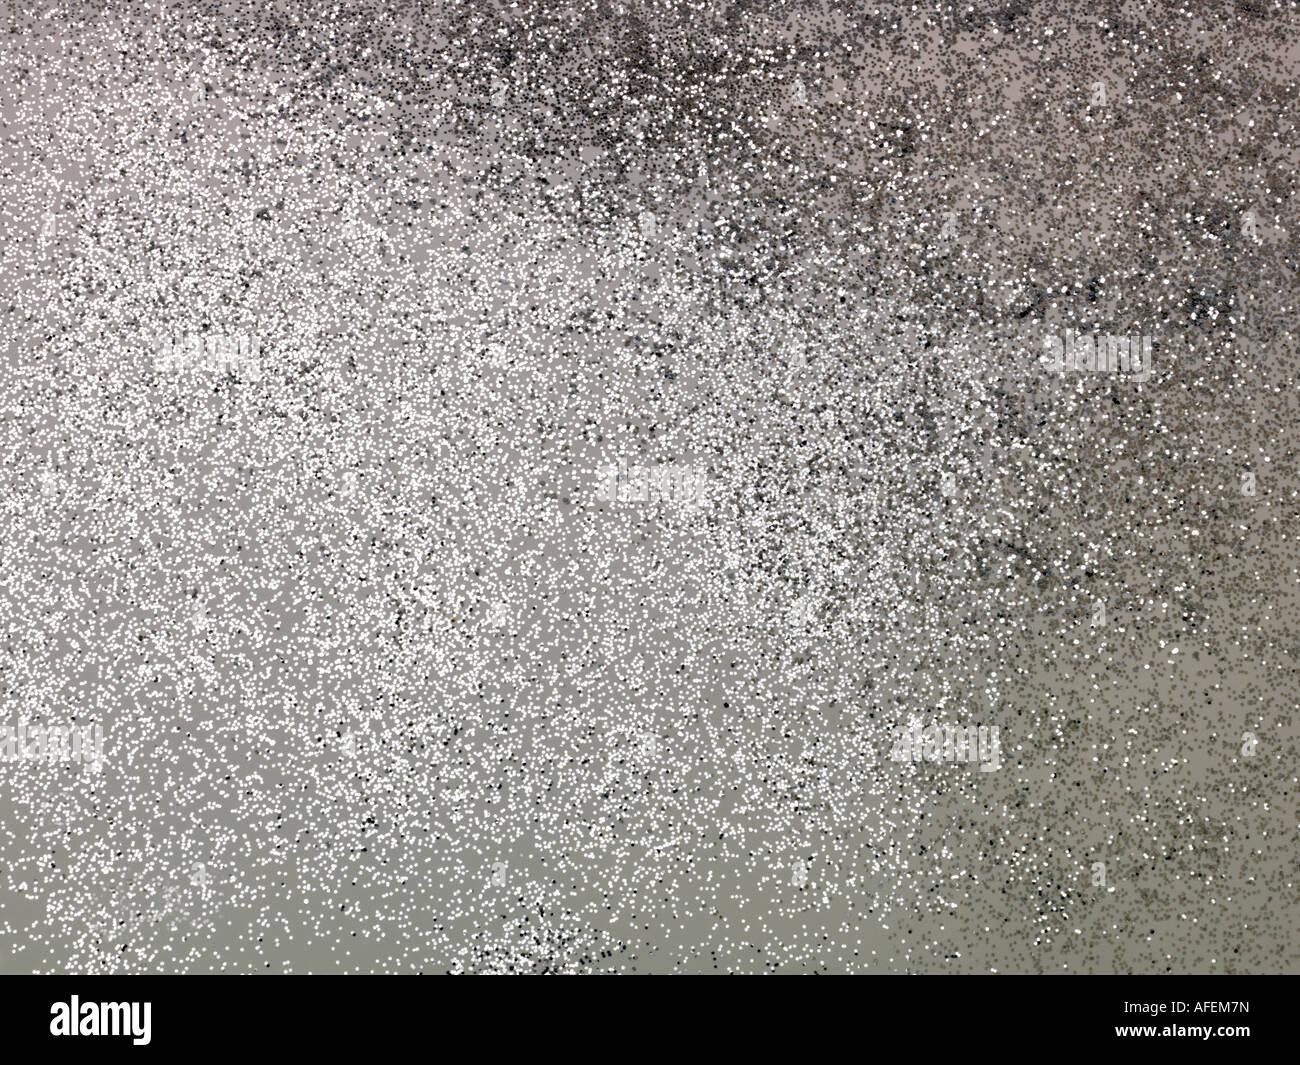 Silber Glitzer Hintergrund Stockbild